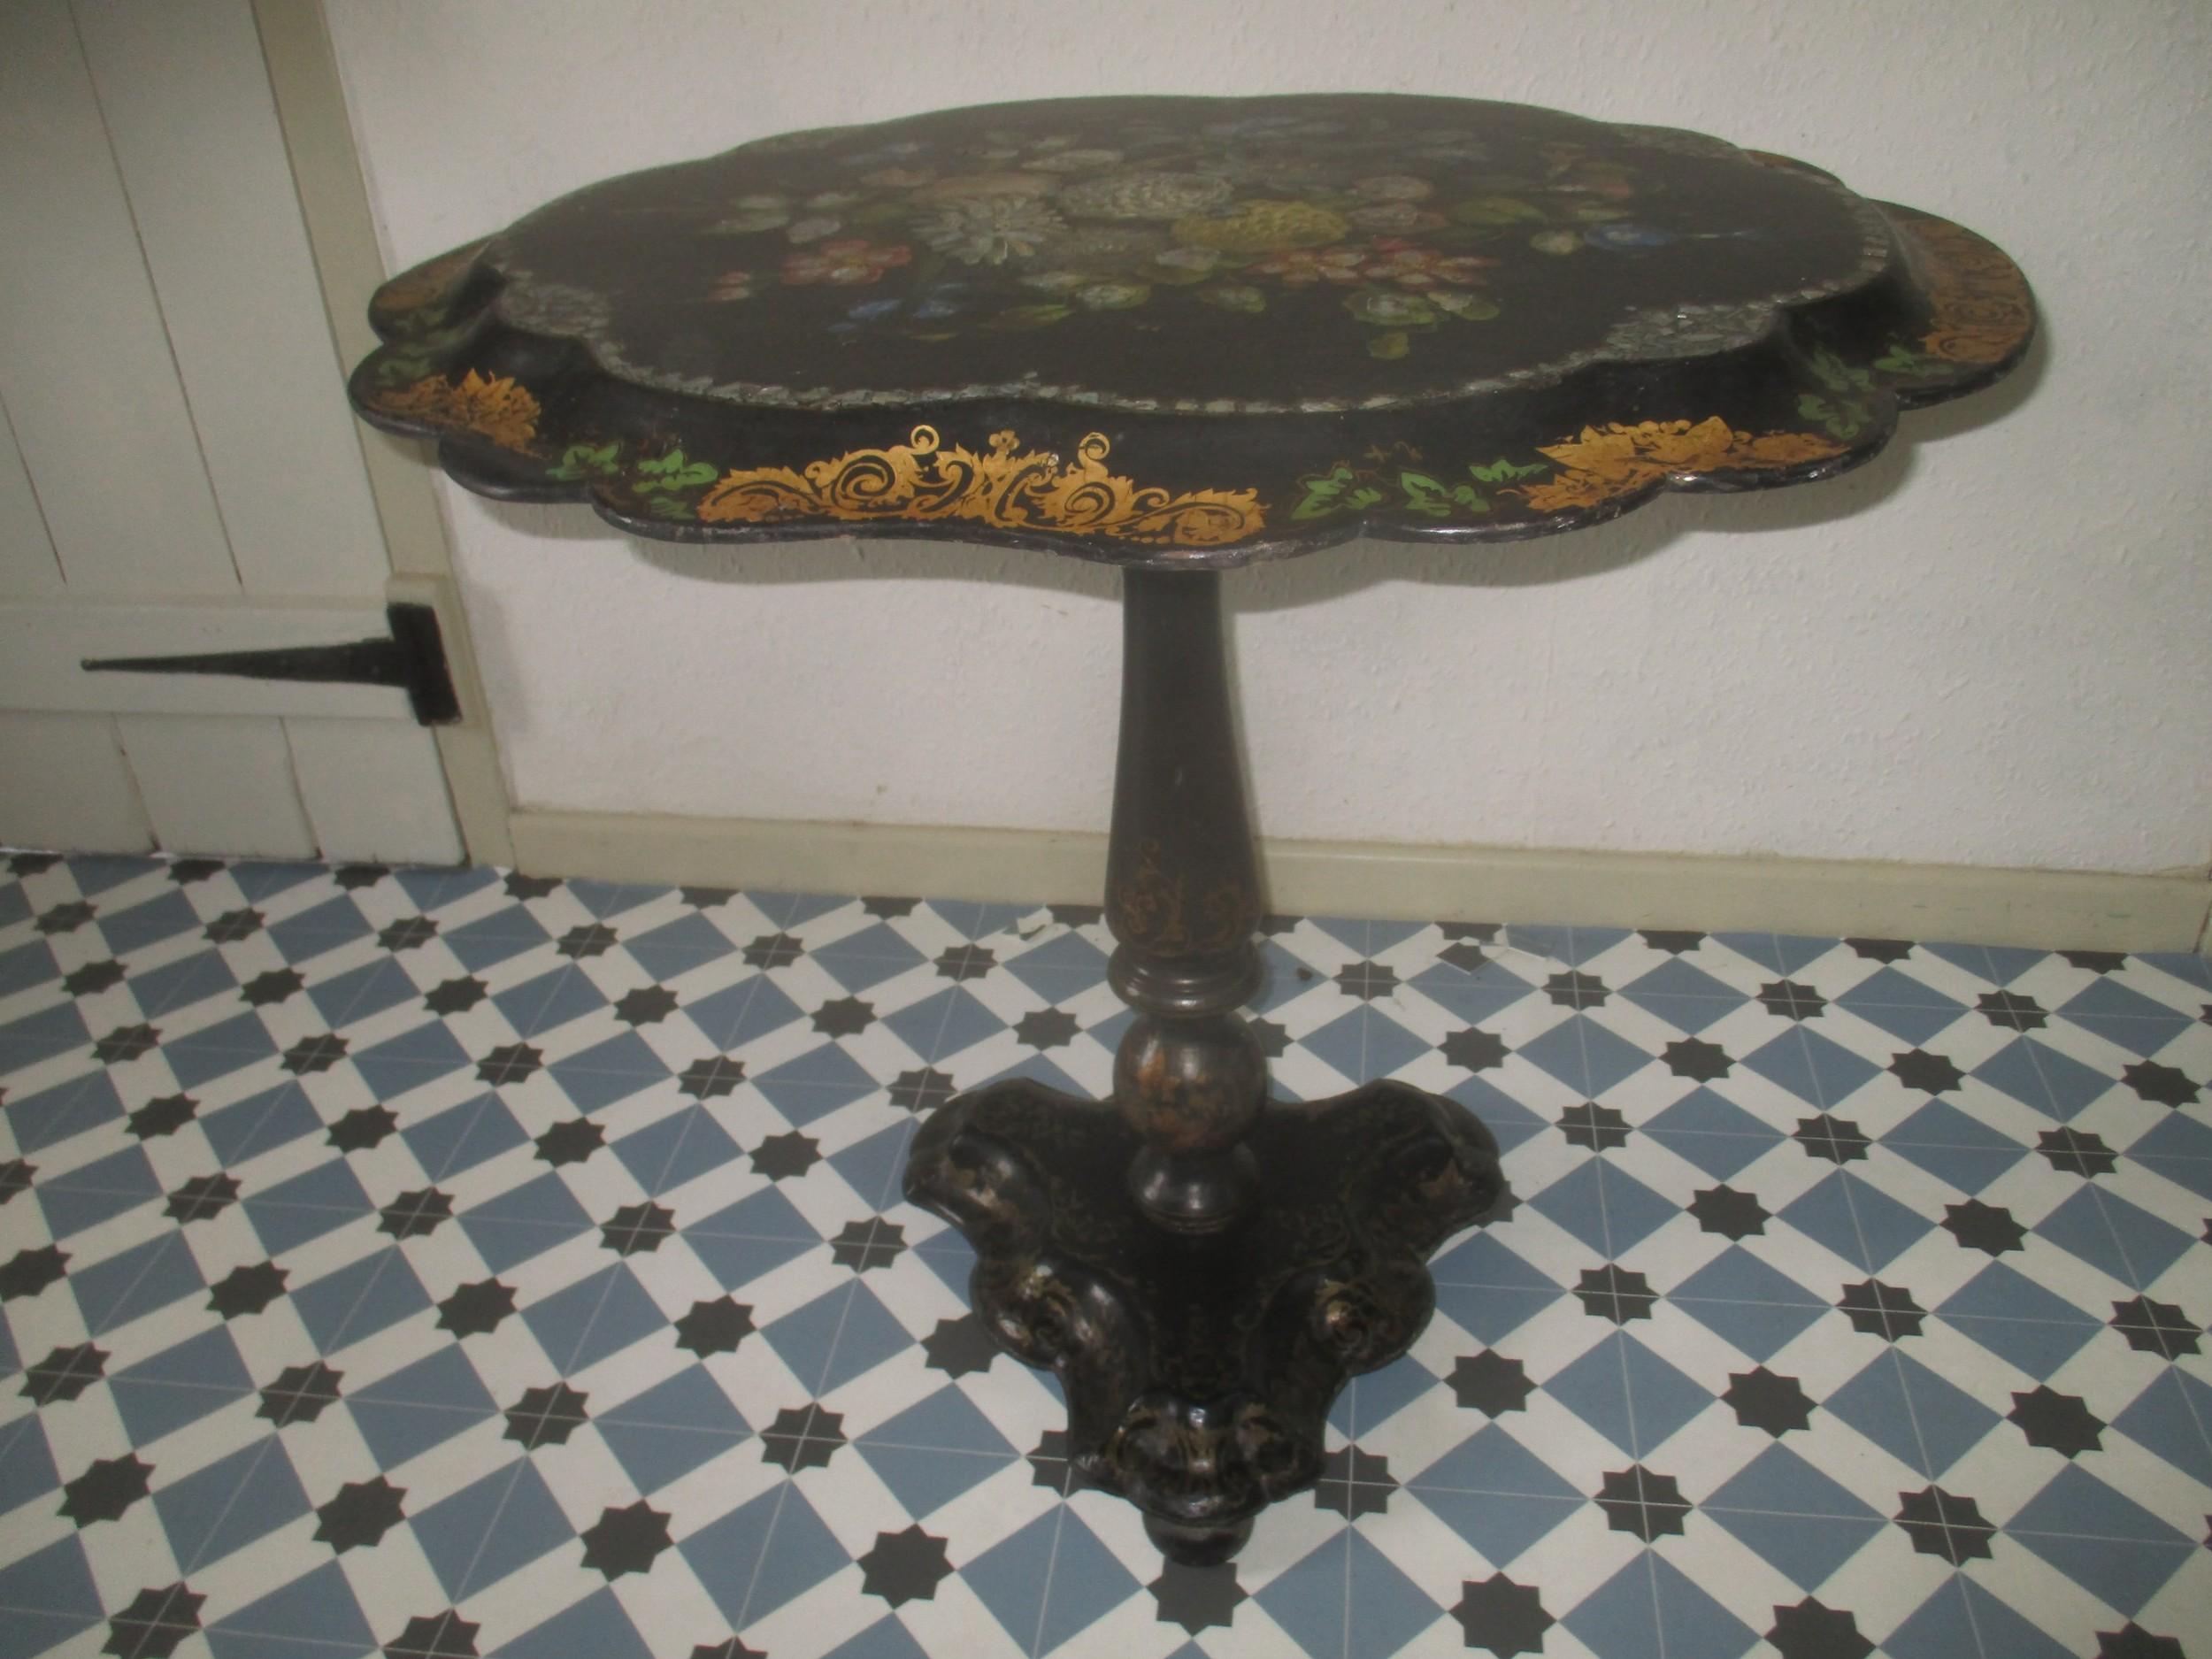 papier mache table